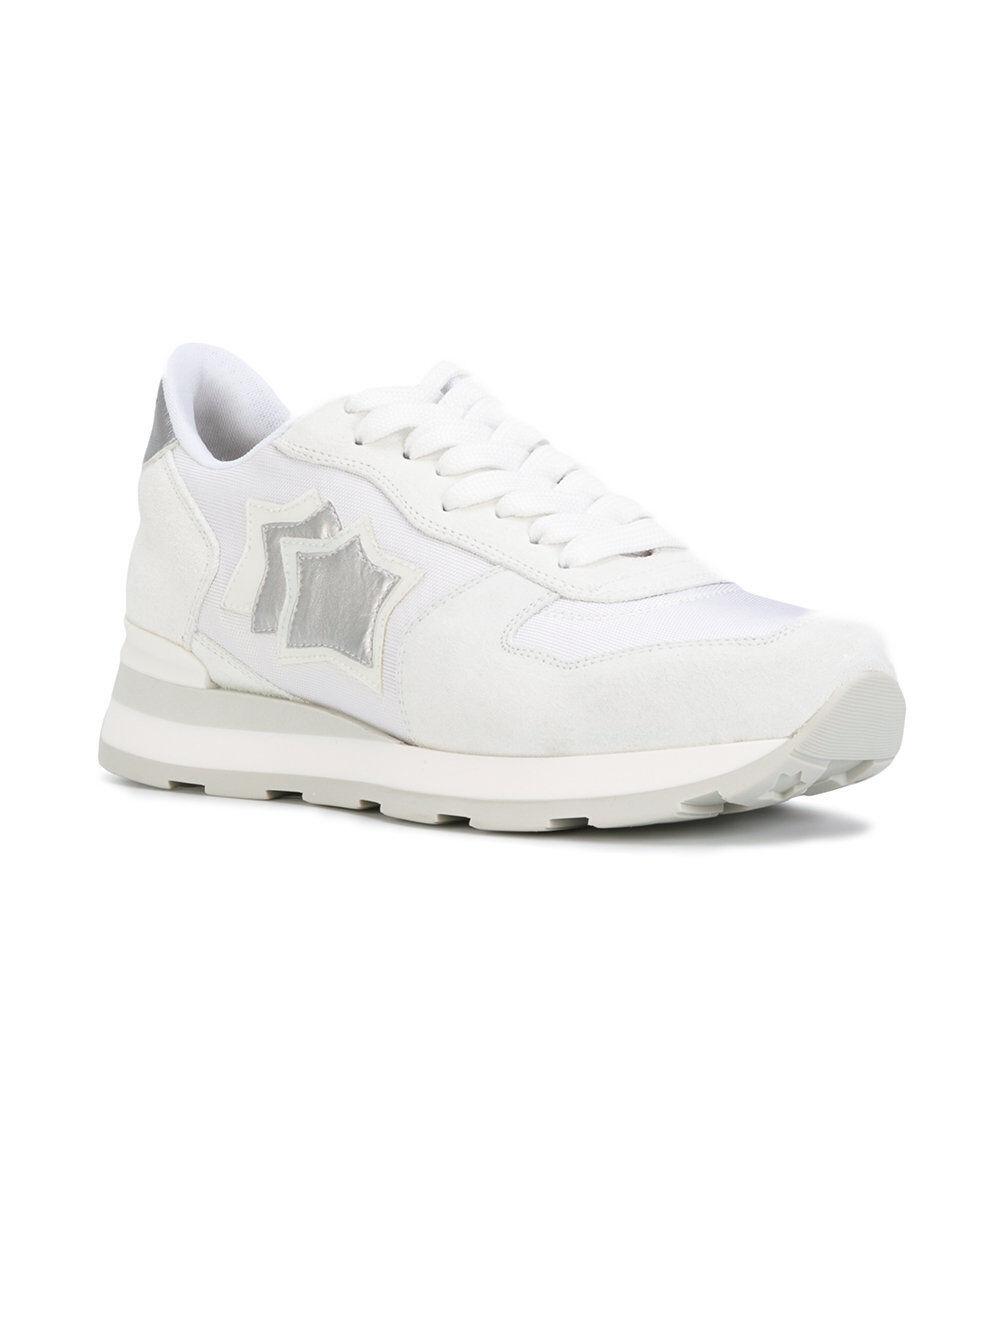 Zapatos casuales salvajes Barato y cómodo Zapatos ATLANTIC STARS MUJER Vega BA 86B Blanco Plata blanco Stella Nuevo